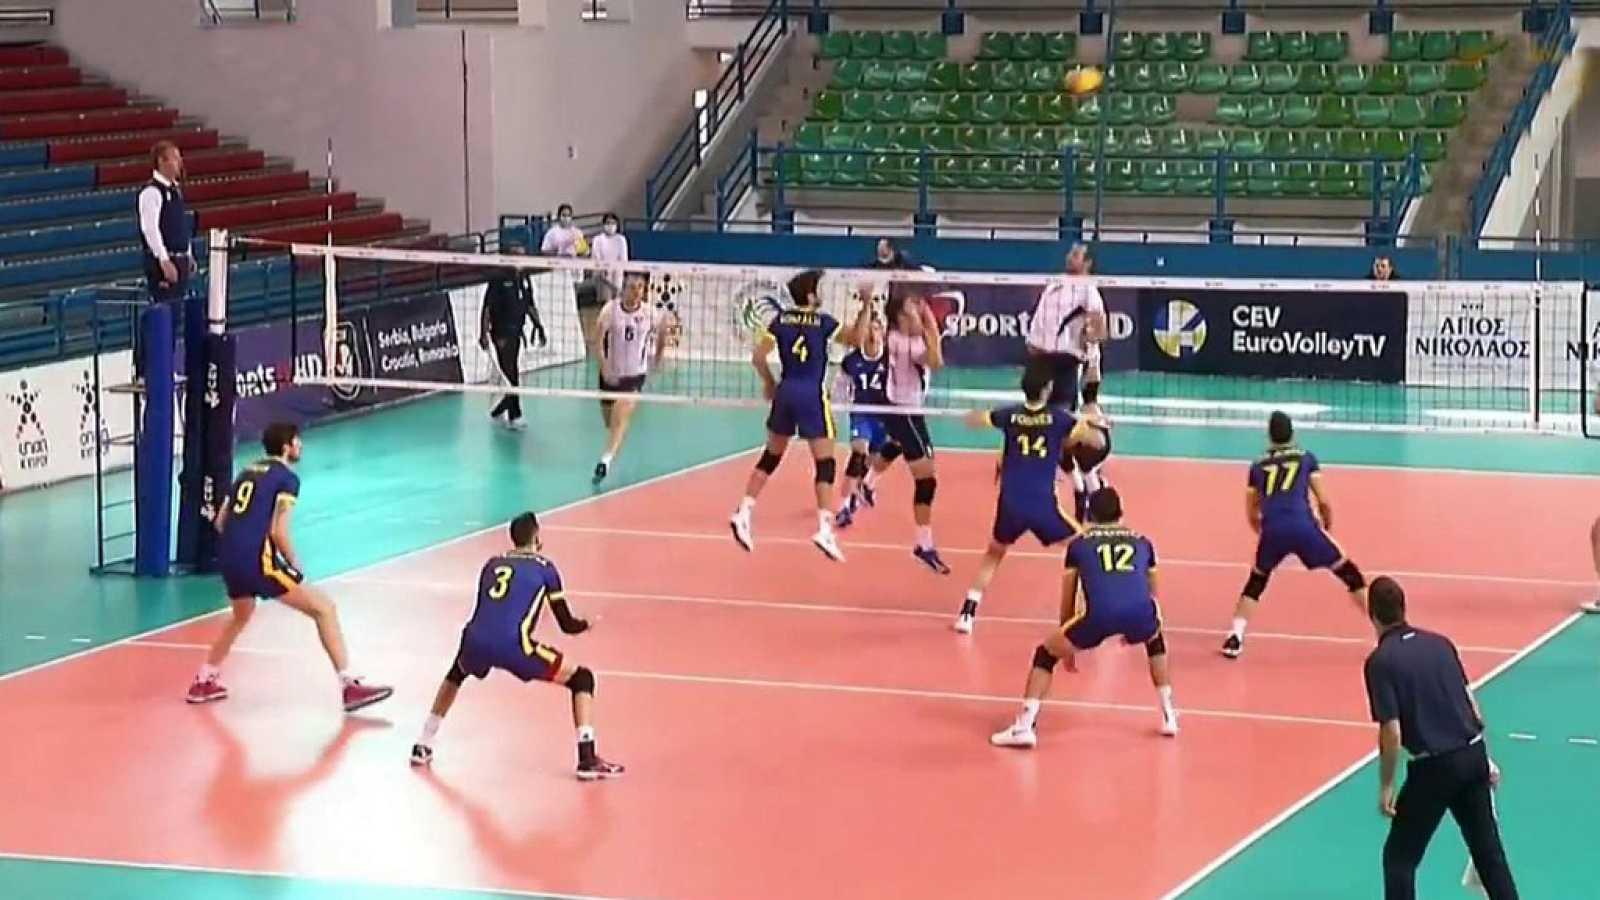 Voleibol - Clasificación Campeonato de Europa Masculino: España - Moldavia - ver ahora